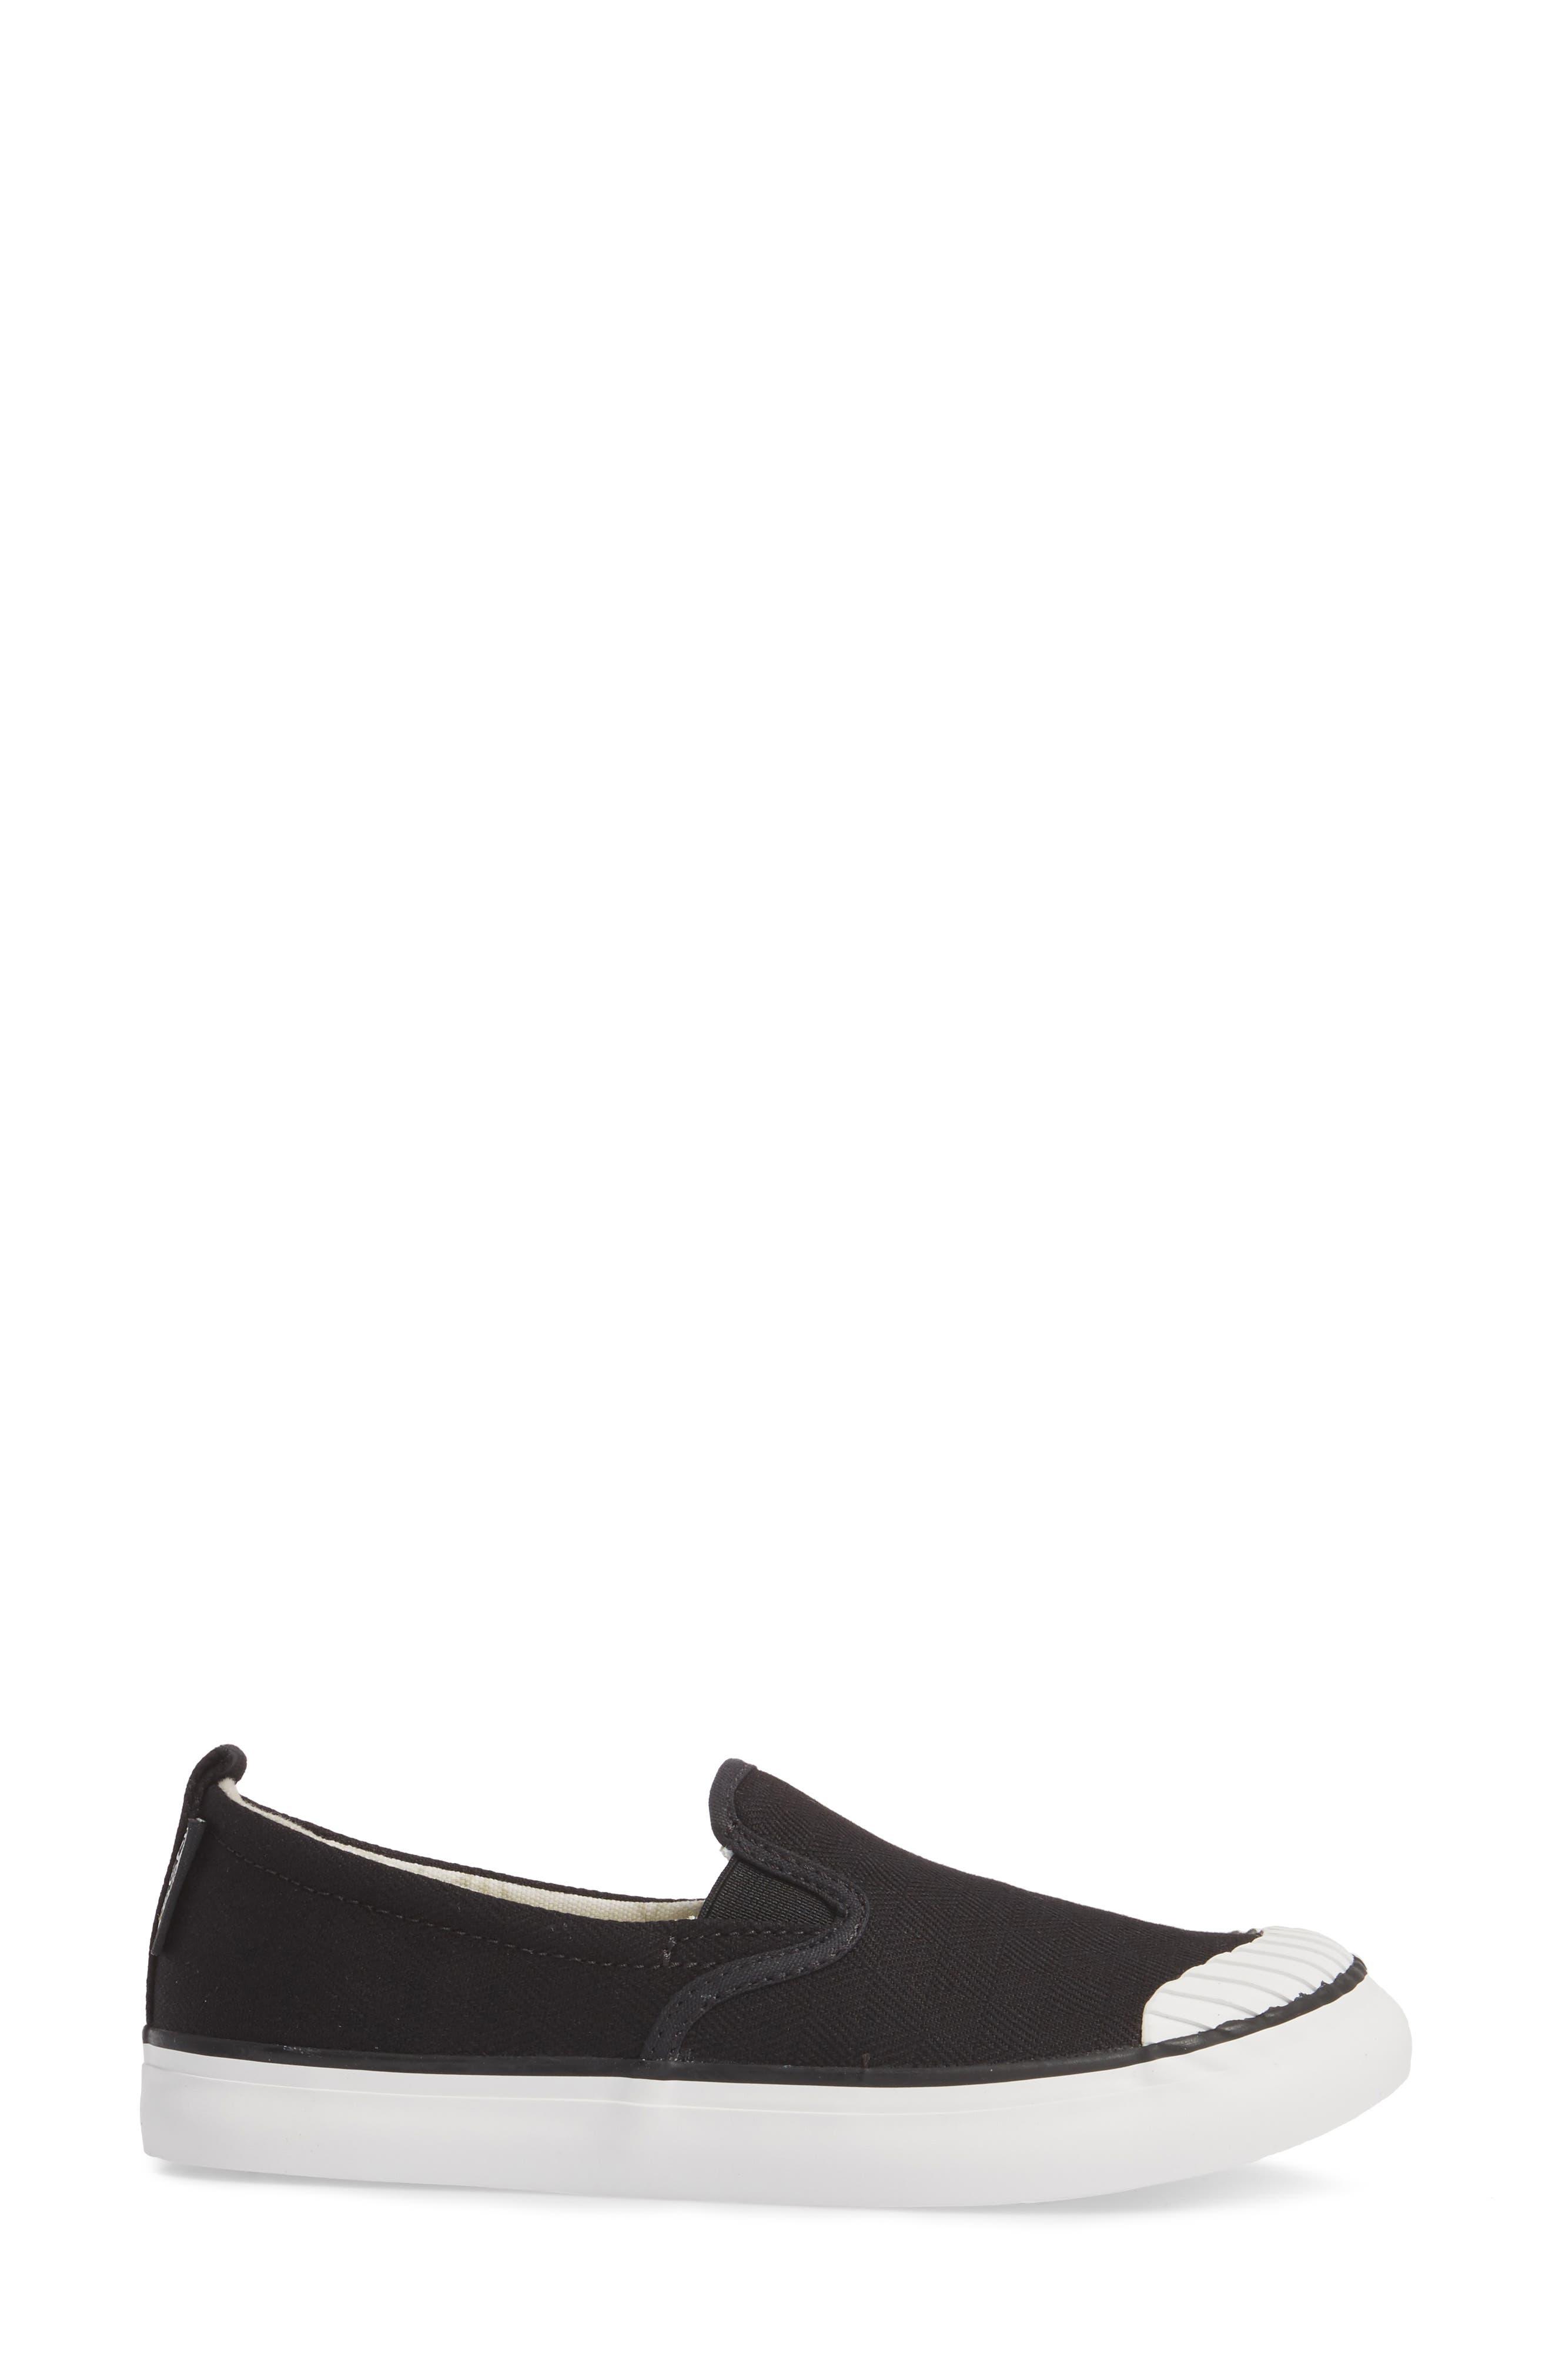 KEEN, Elsa Slip-On Sneaker, Alternate thumbnail 3, color, BLACK/ STAR WHITE